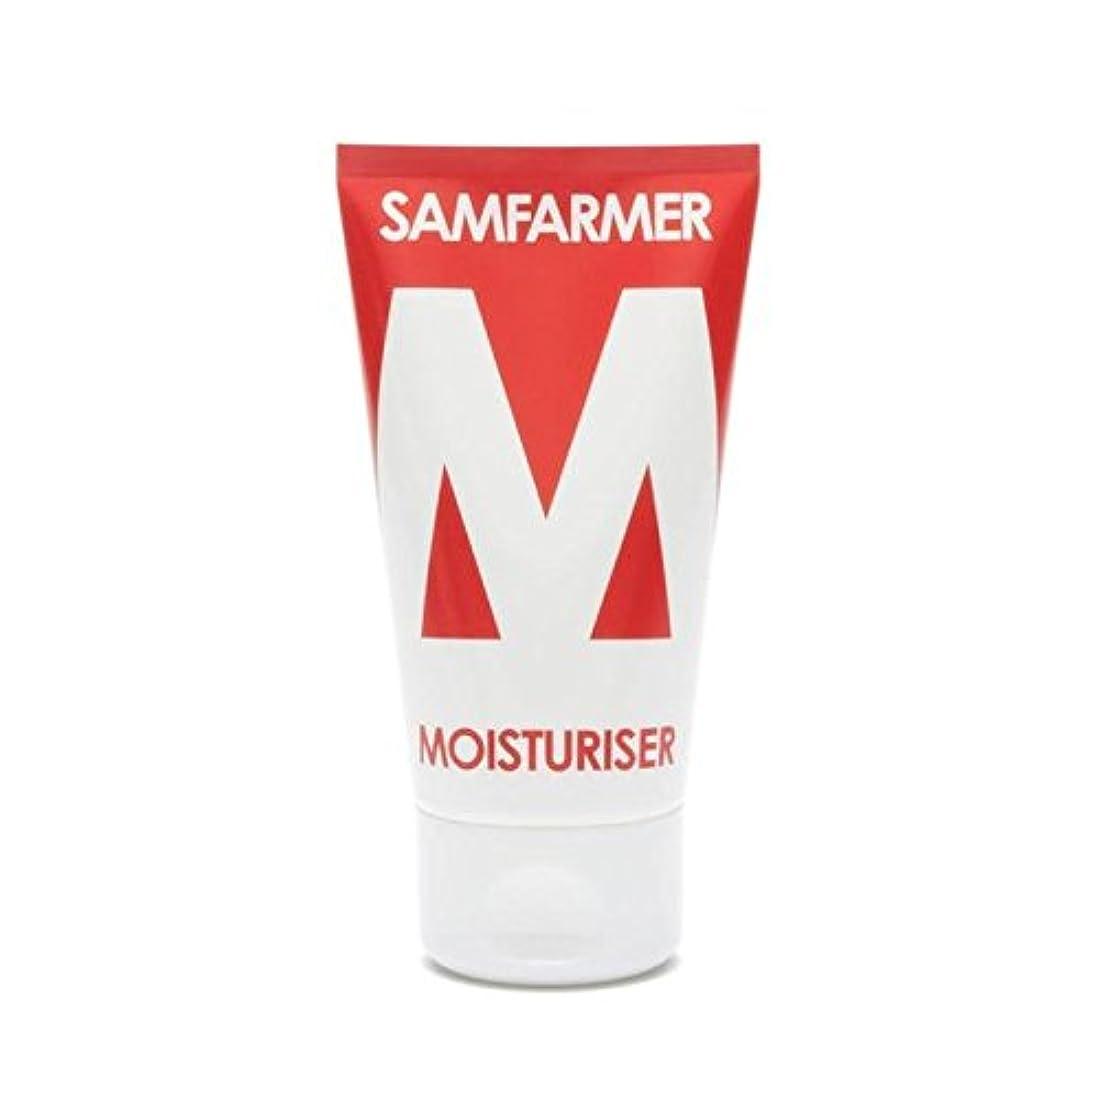 火星結婚した要旨ユニセックス保湿50ミリリットル x2 - SAMFARMER Unisex Moisturiser 50ml (Pack of 2) [並行輸入品]